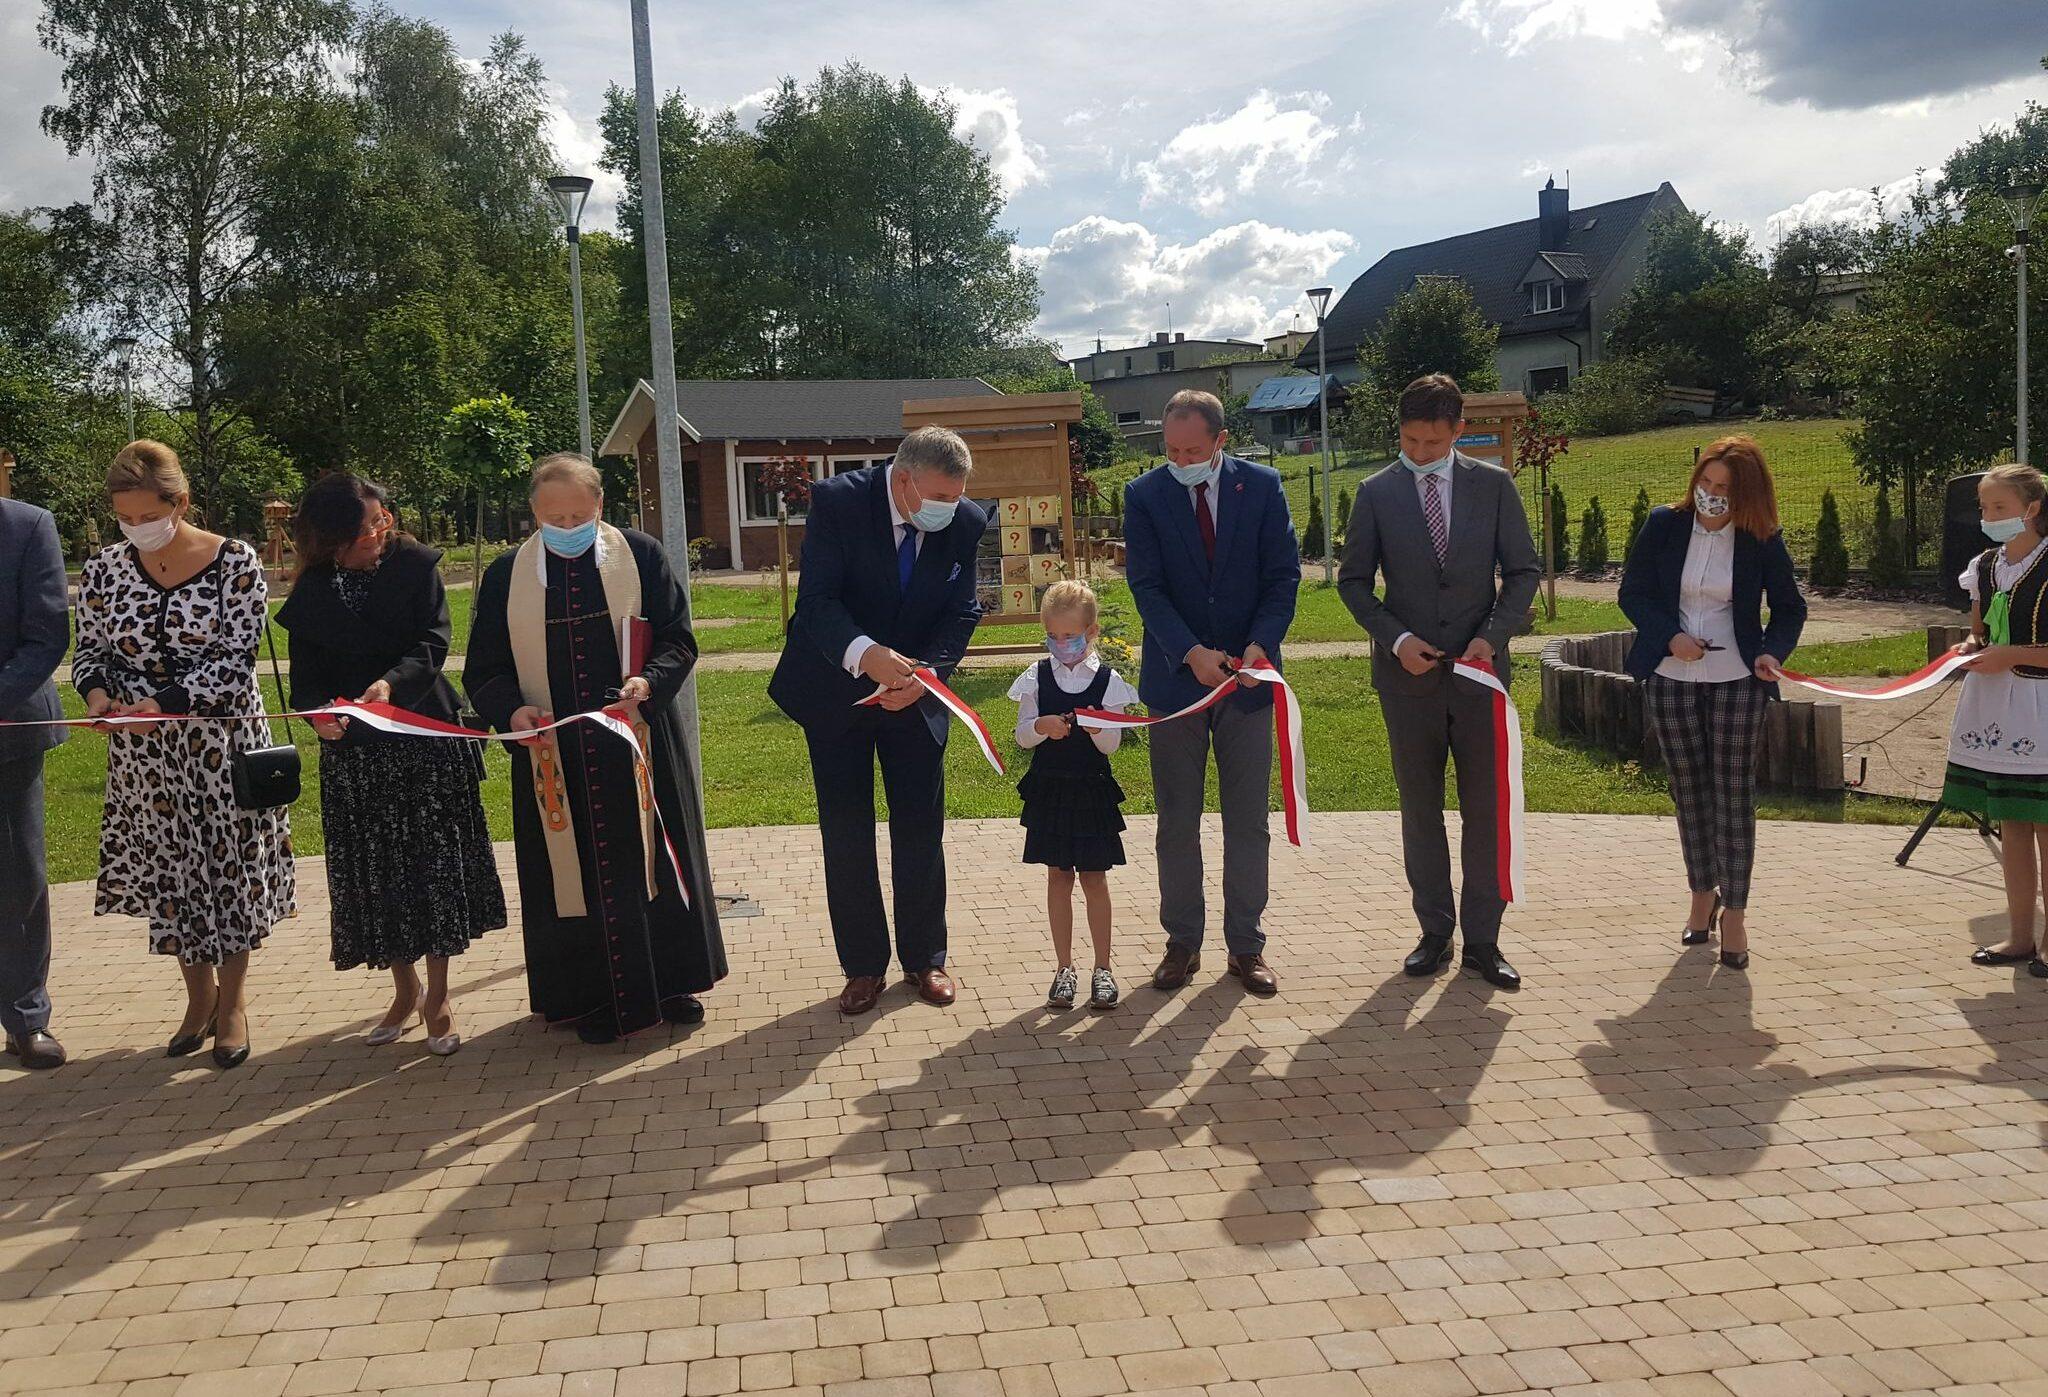 Przedszkola przyjazne dzieciom. Otwarto nowe placówki w Mikoszewie i Brodnicy Górnej